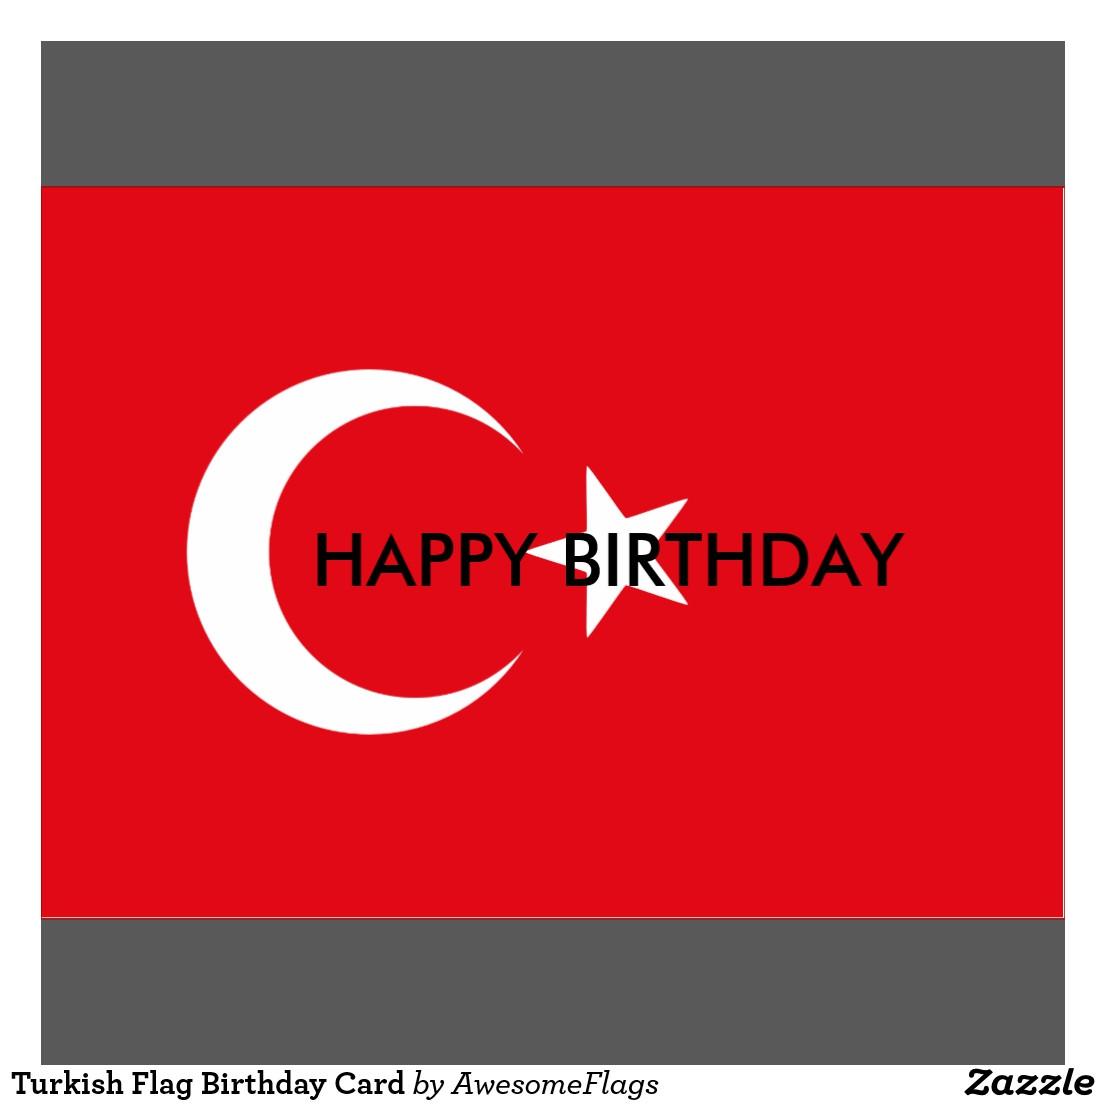 Geburtstagswünsche Auf Türkisch  Alles Gute Zum Geburtstag Auf Türkisch Happy